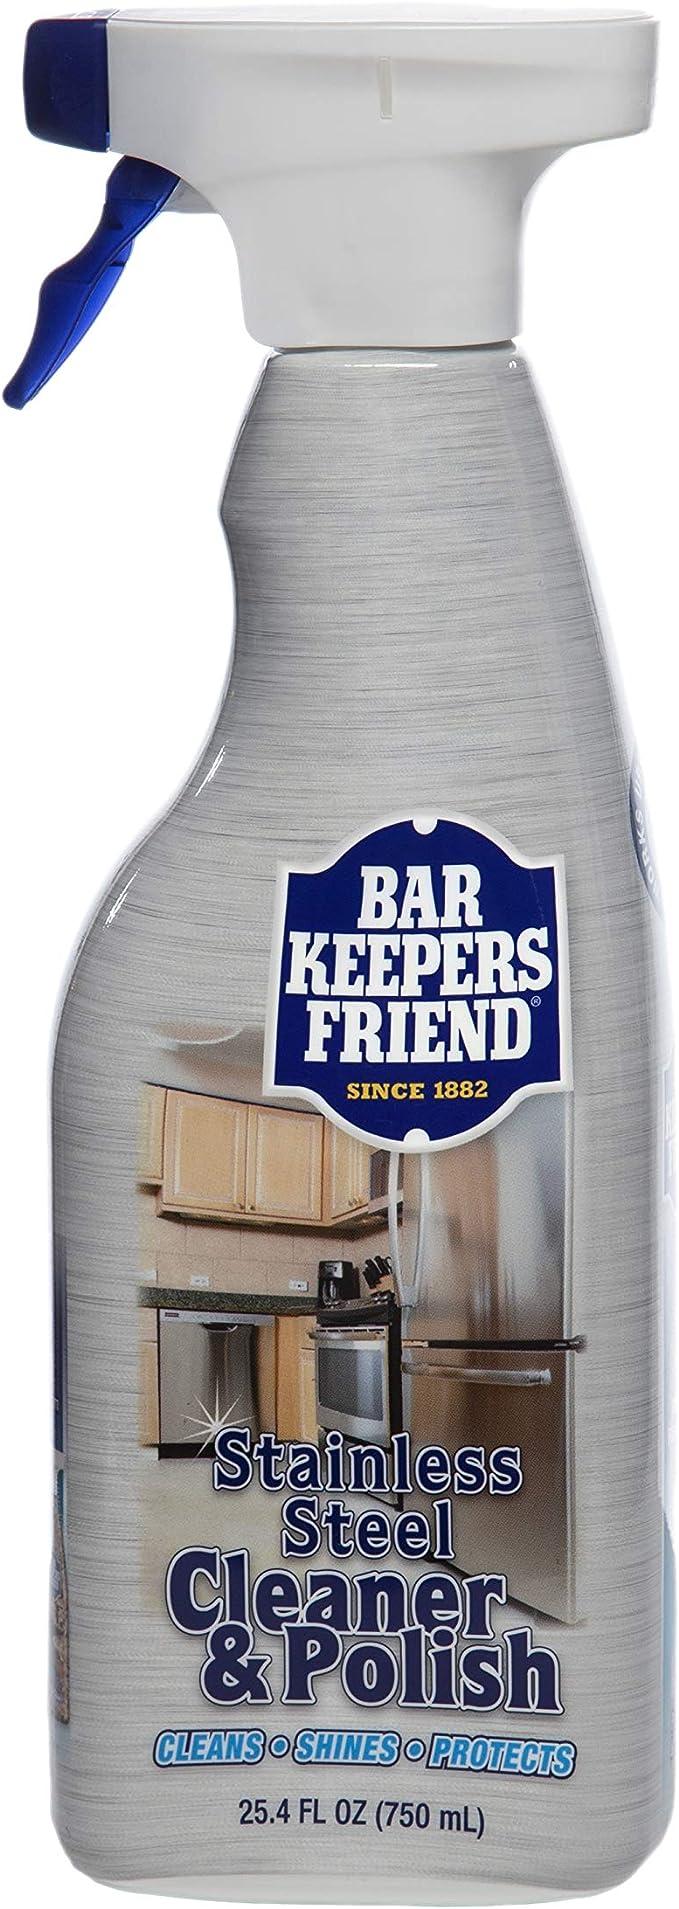 Amazon.com: Bar Keepers Friend Limpiador y abrillantador de ...